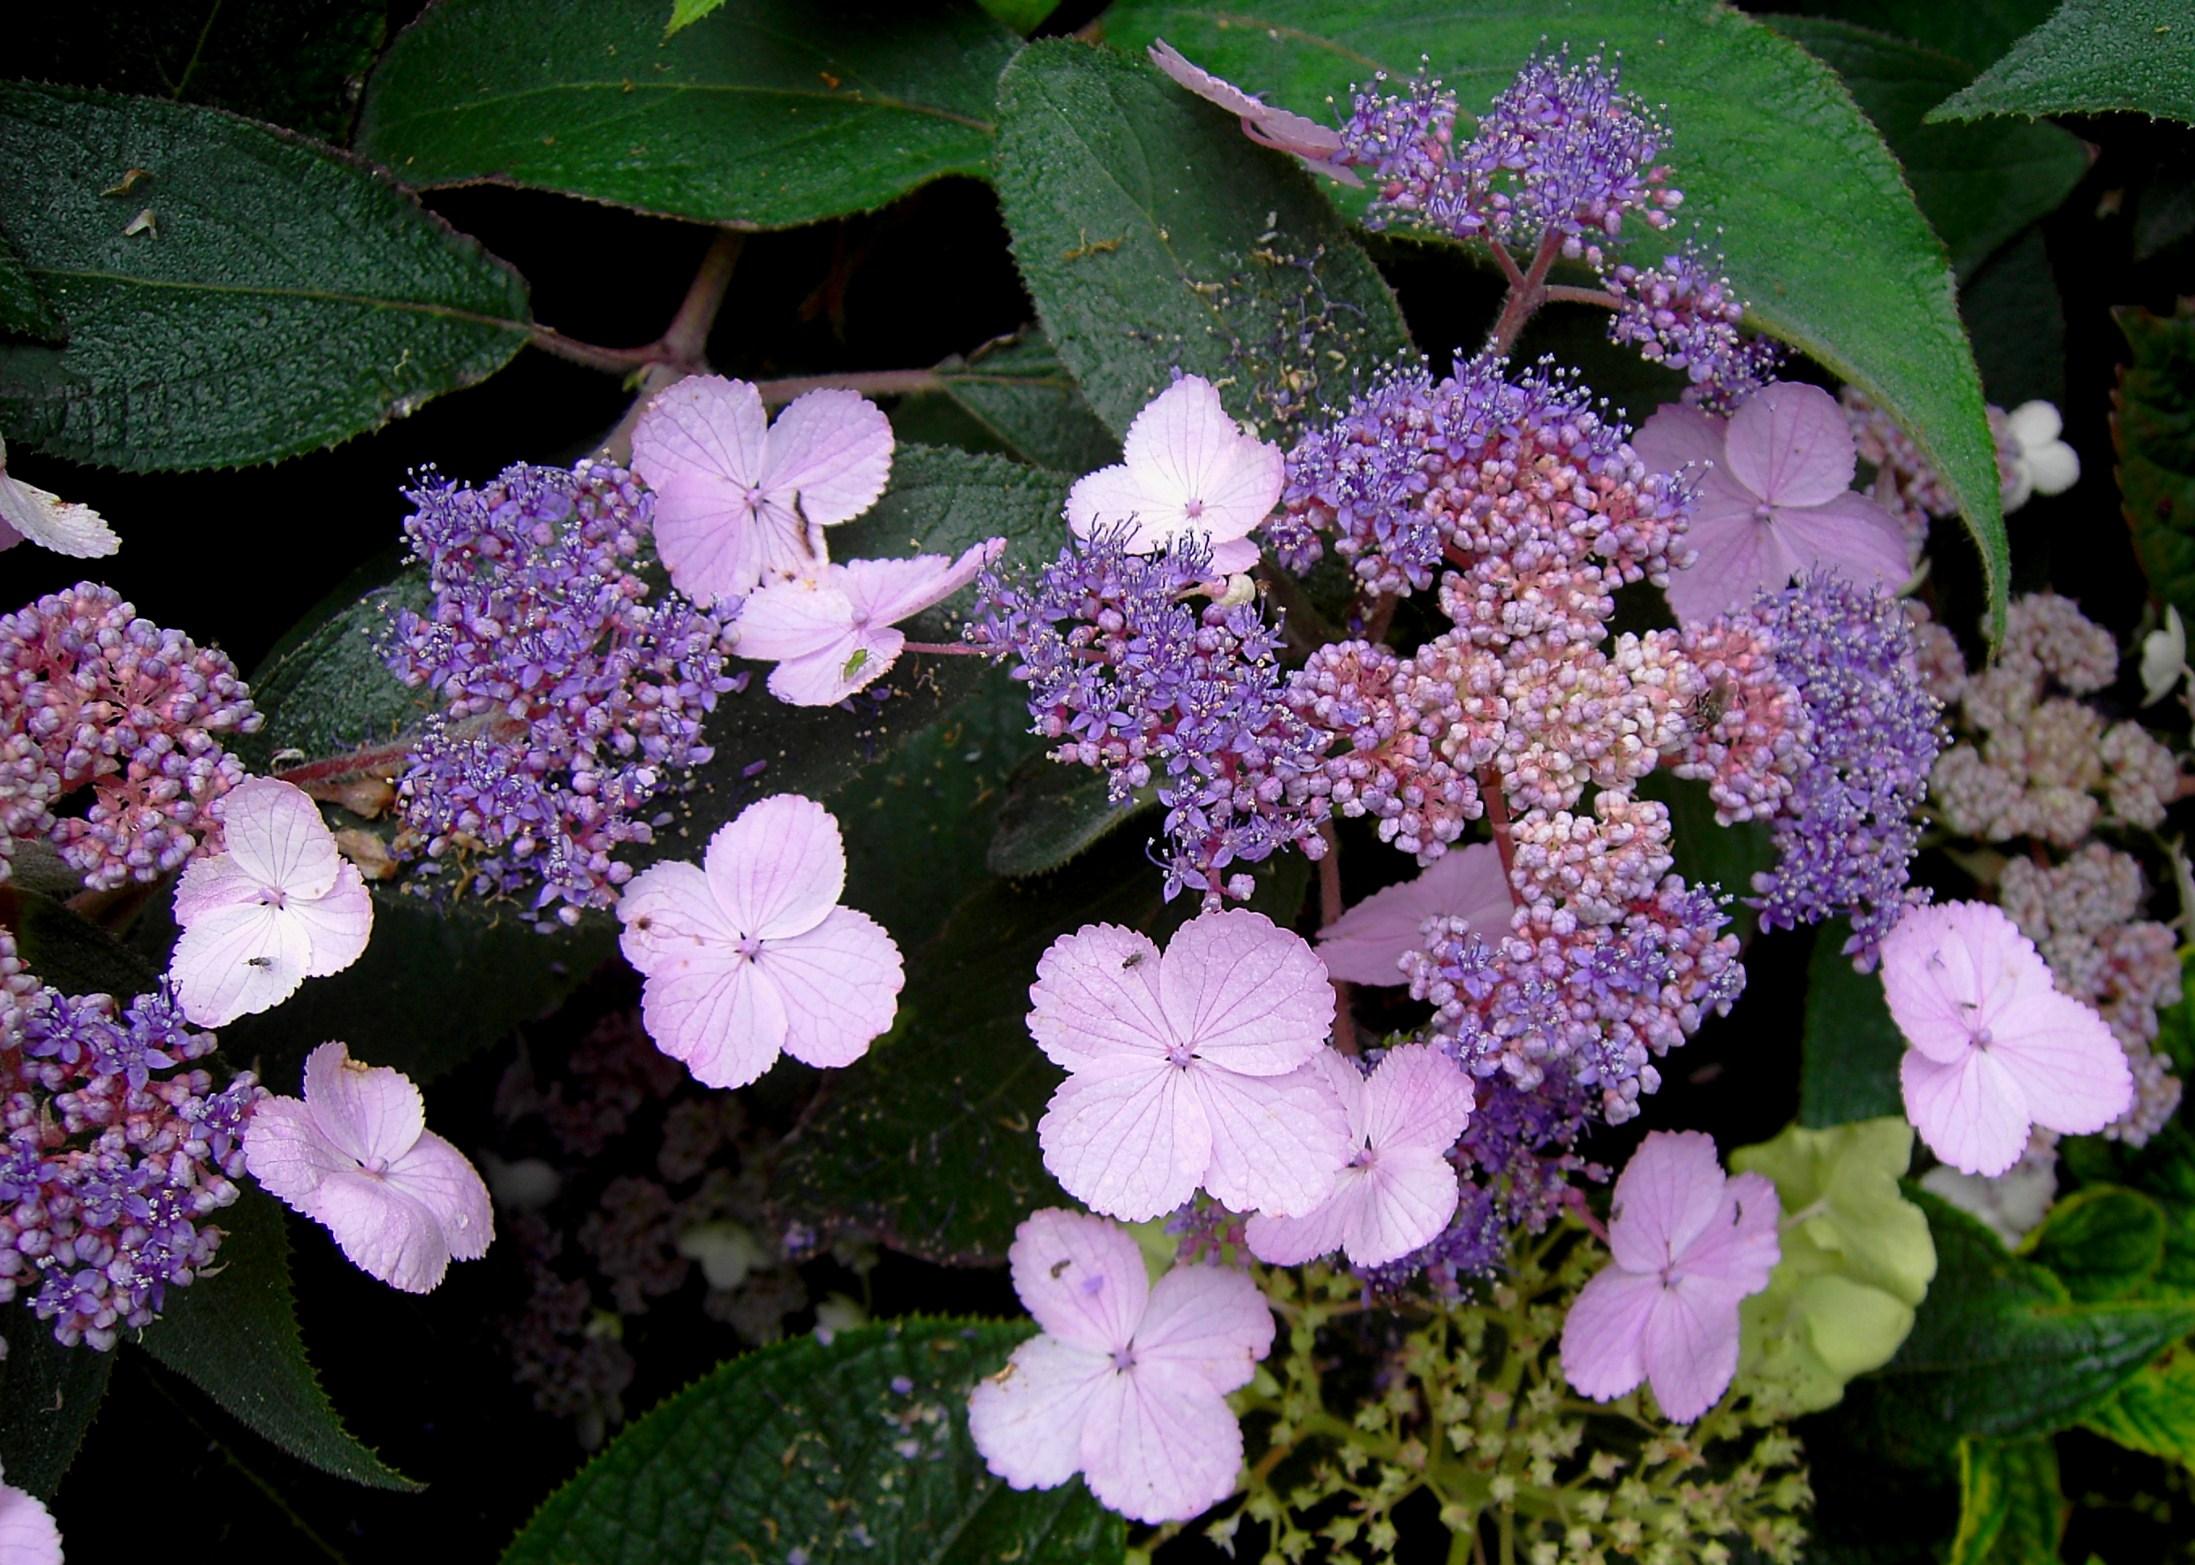 Wies Voesten's Passie voor Planten – Hortensia